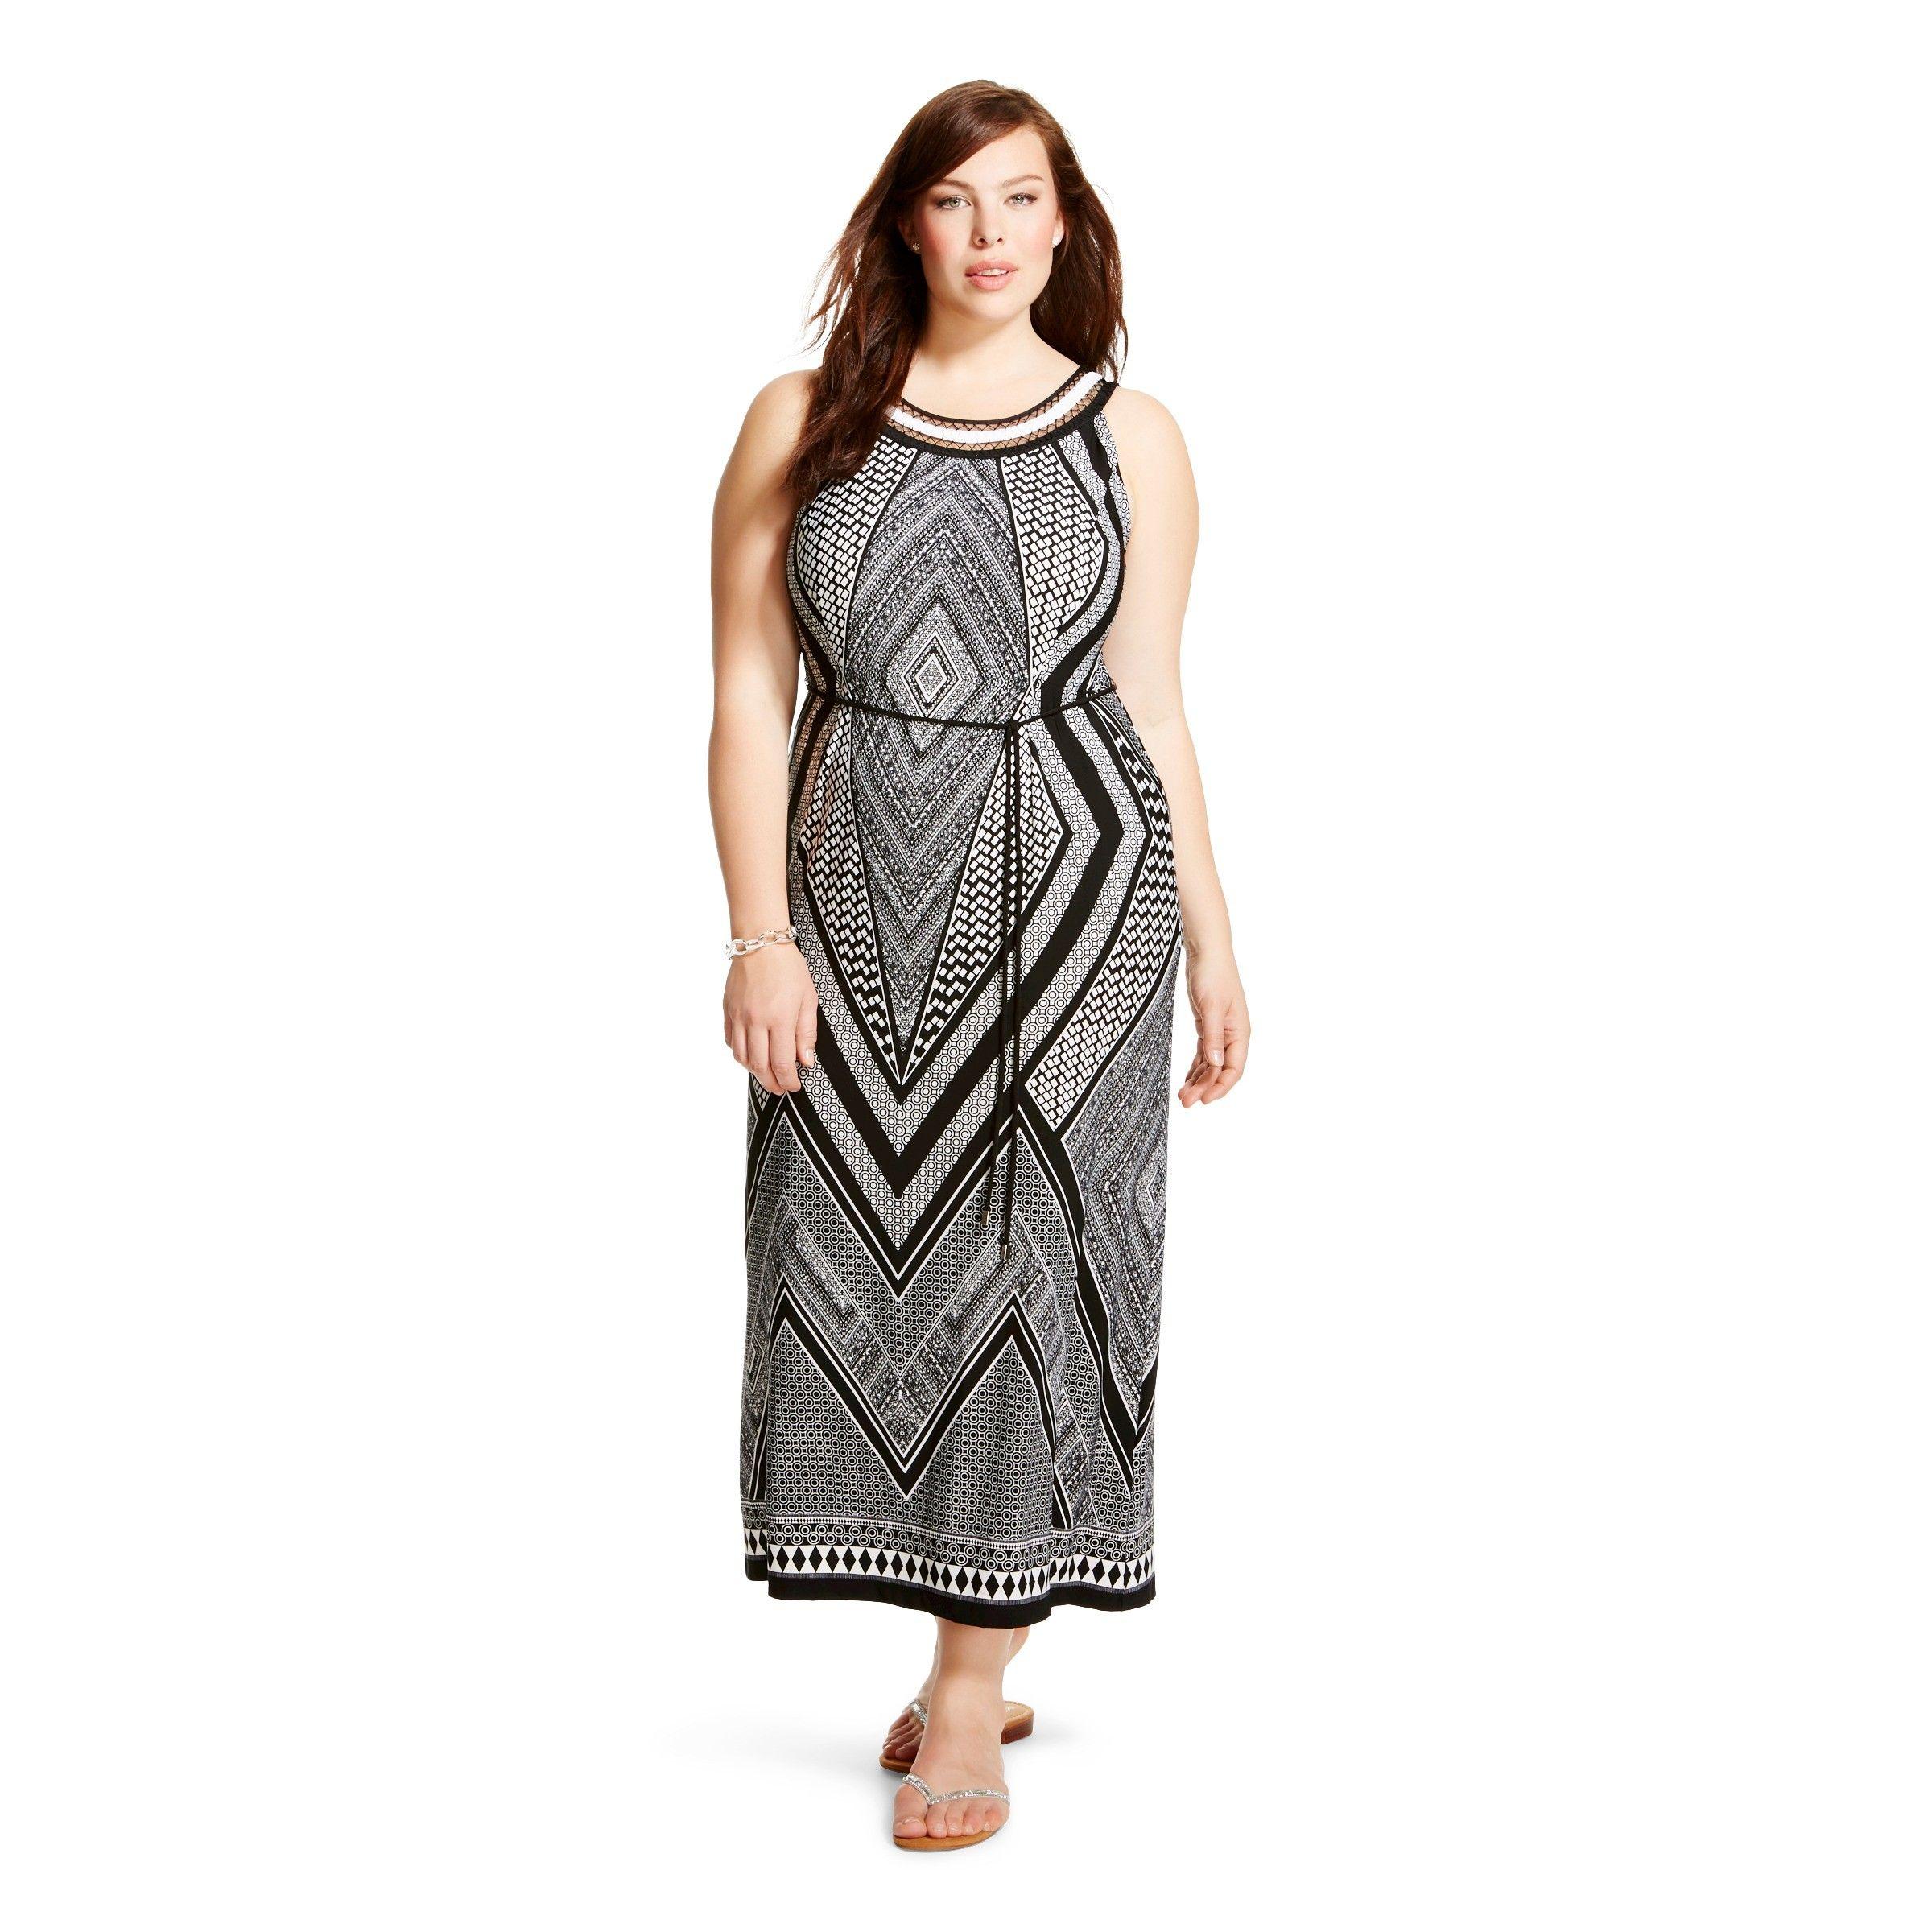 Women s Plus Size Sleeveless Maxi Dress Black White Studio e